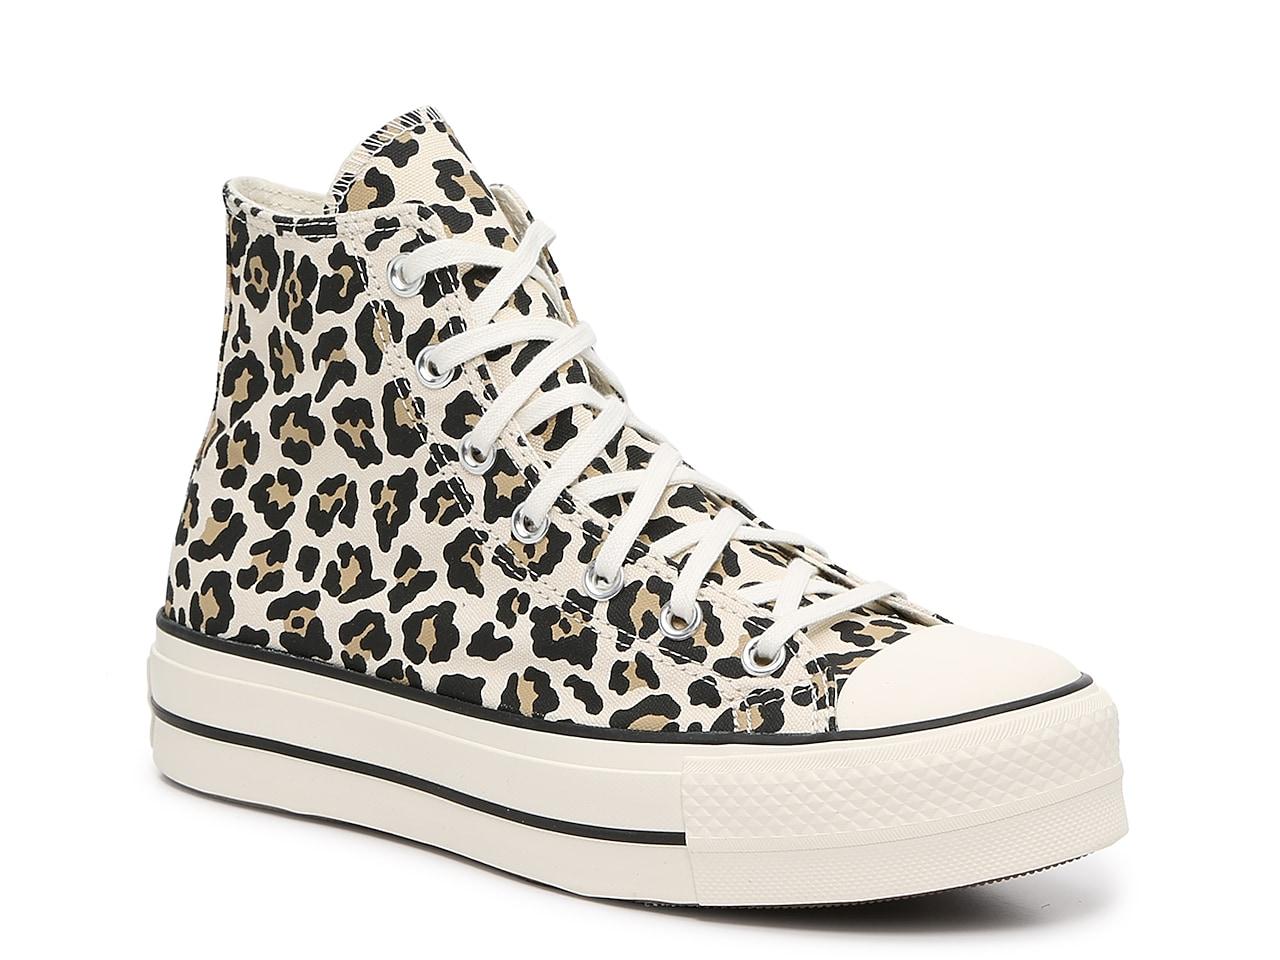 Converse Chuck Taylor All Star Platform High-Top Sneaker - Women's